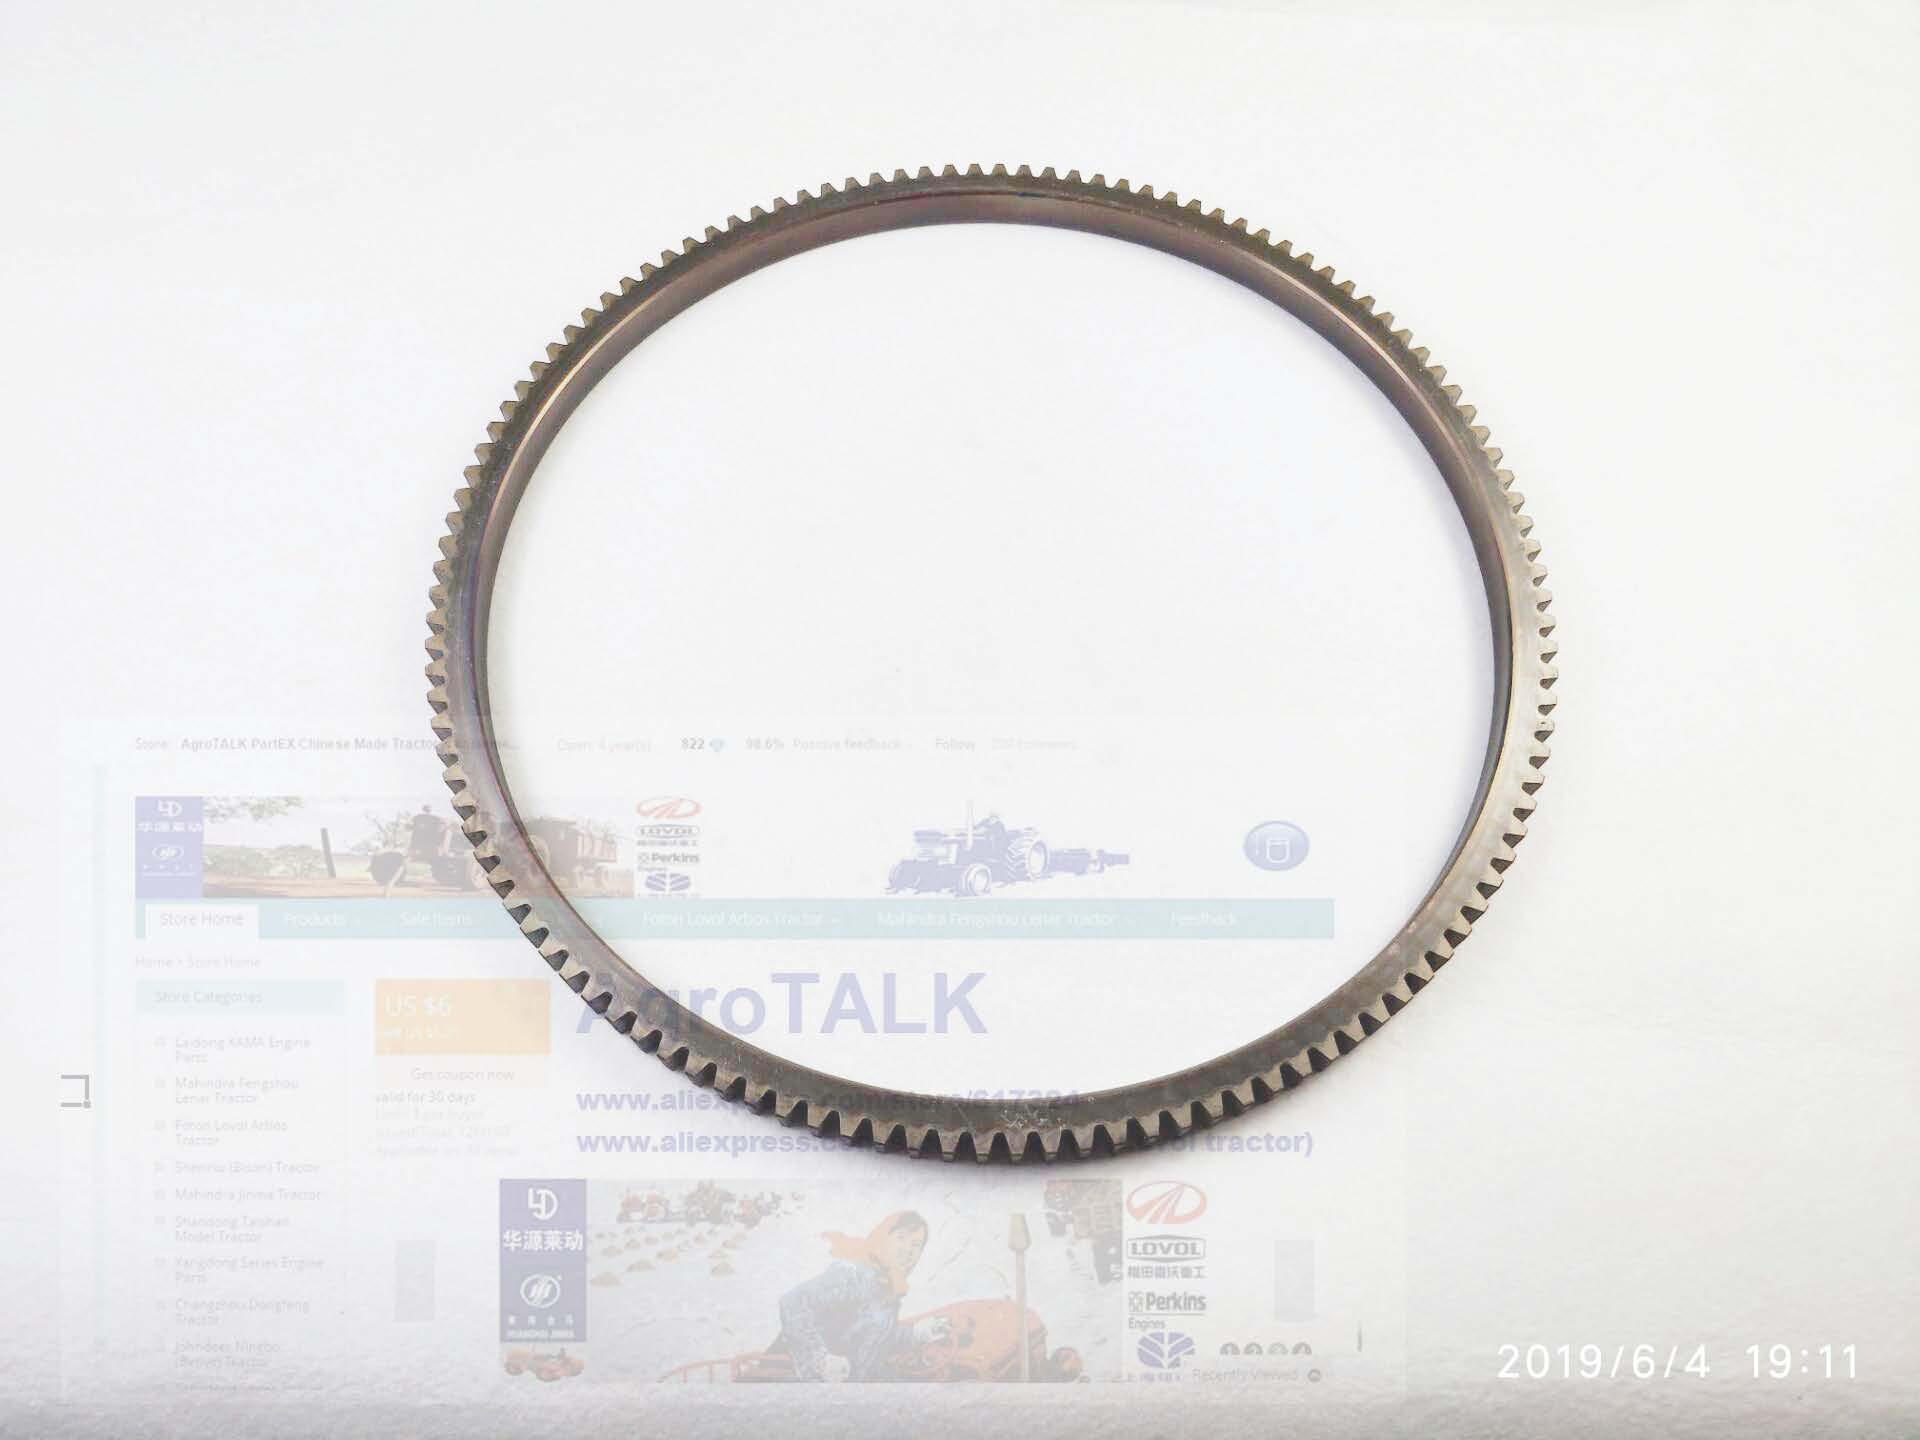 Fujian Lijia engine parts, the flywheel gear ring, part number:100-05102-1Fujian Lijia engine parts, the flywheel gear ring, part number:100-05102-1